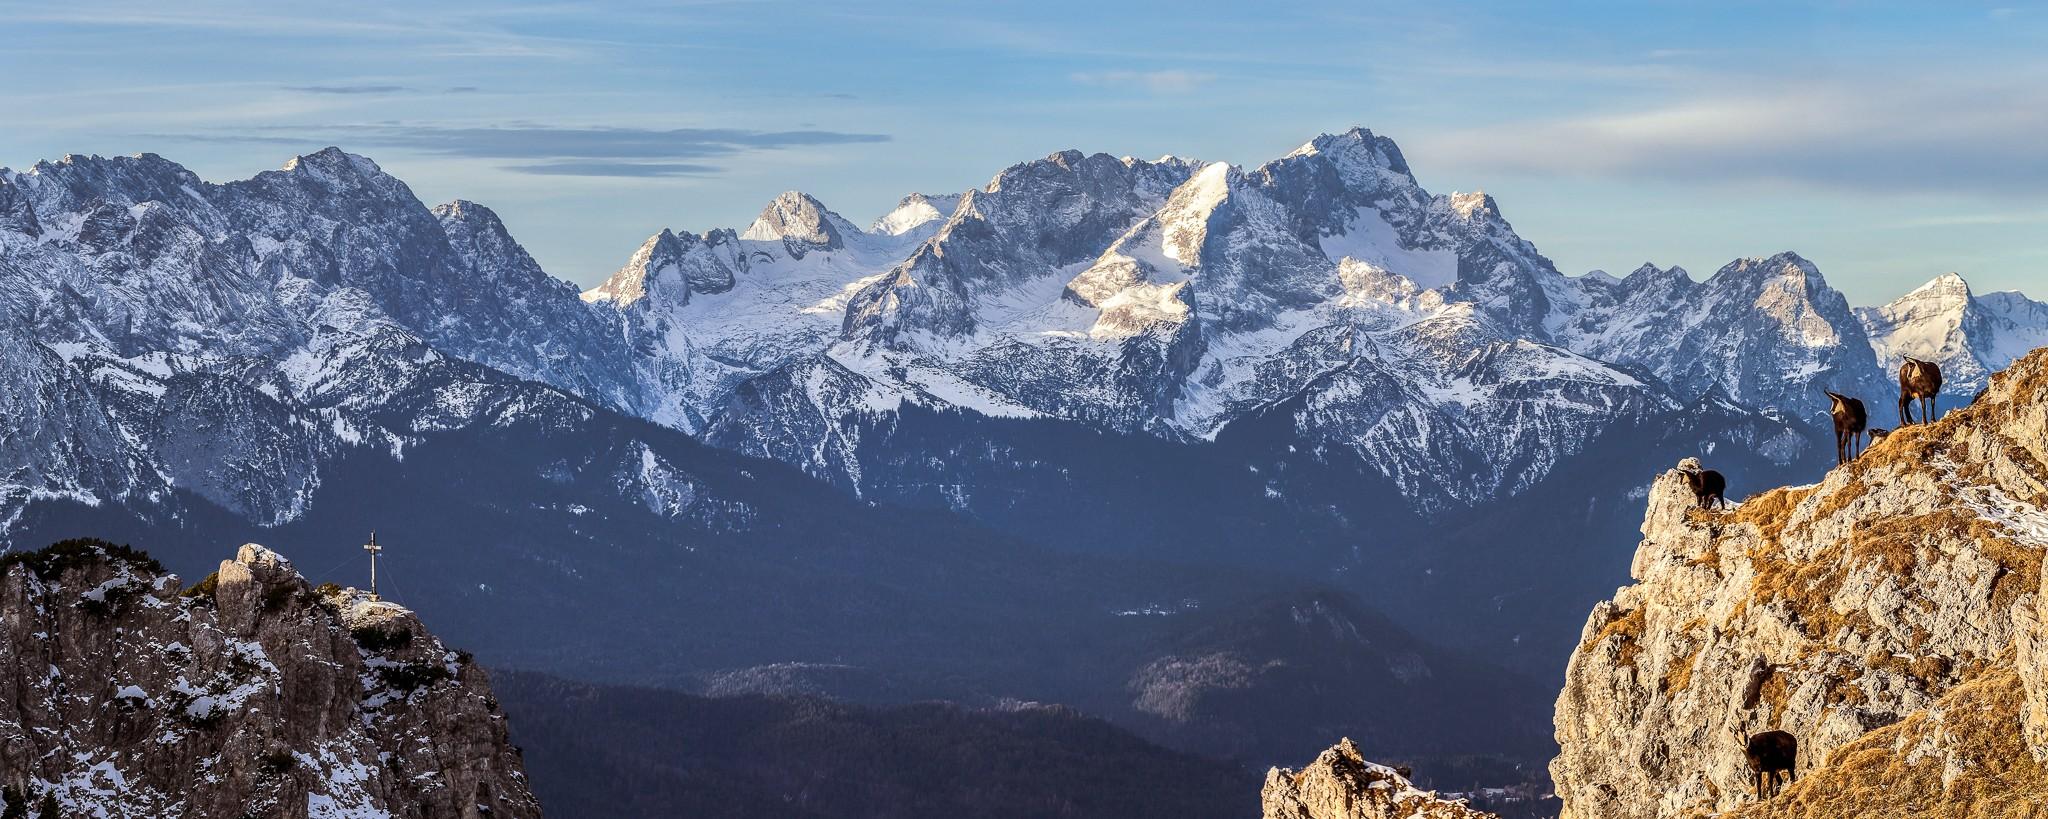 Seinskopf - Wettersteinblick mit Gämsen, Alpspitze Zugspitze